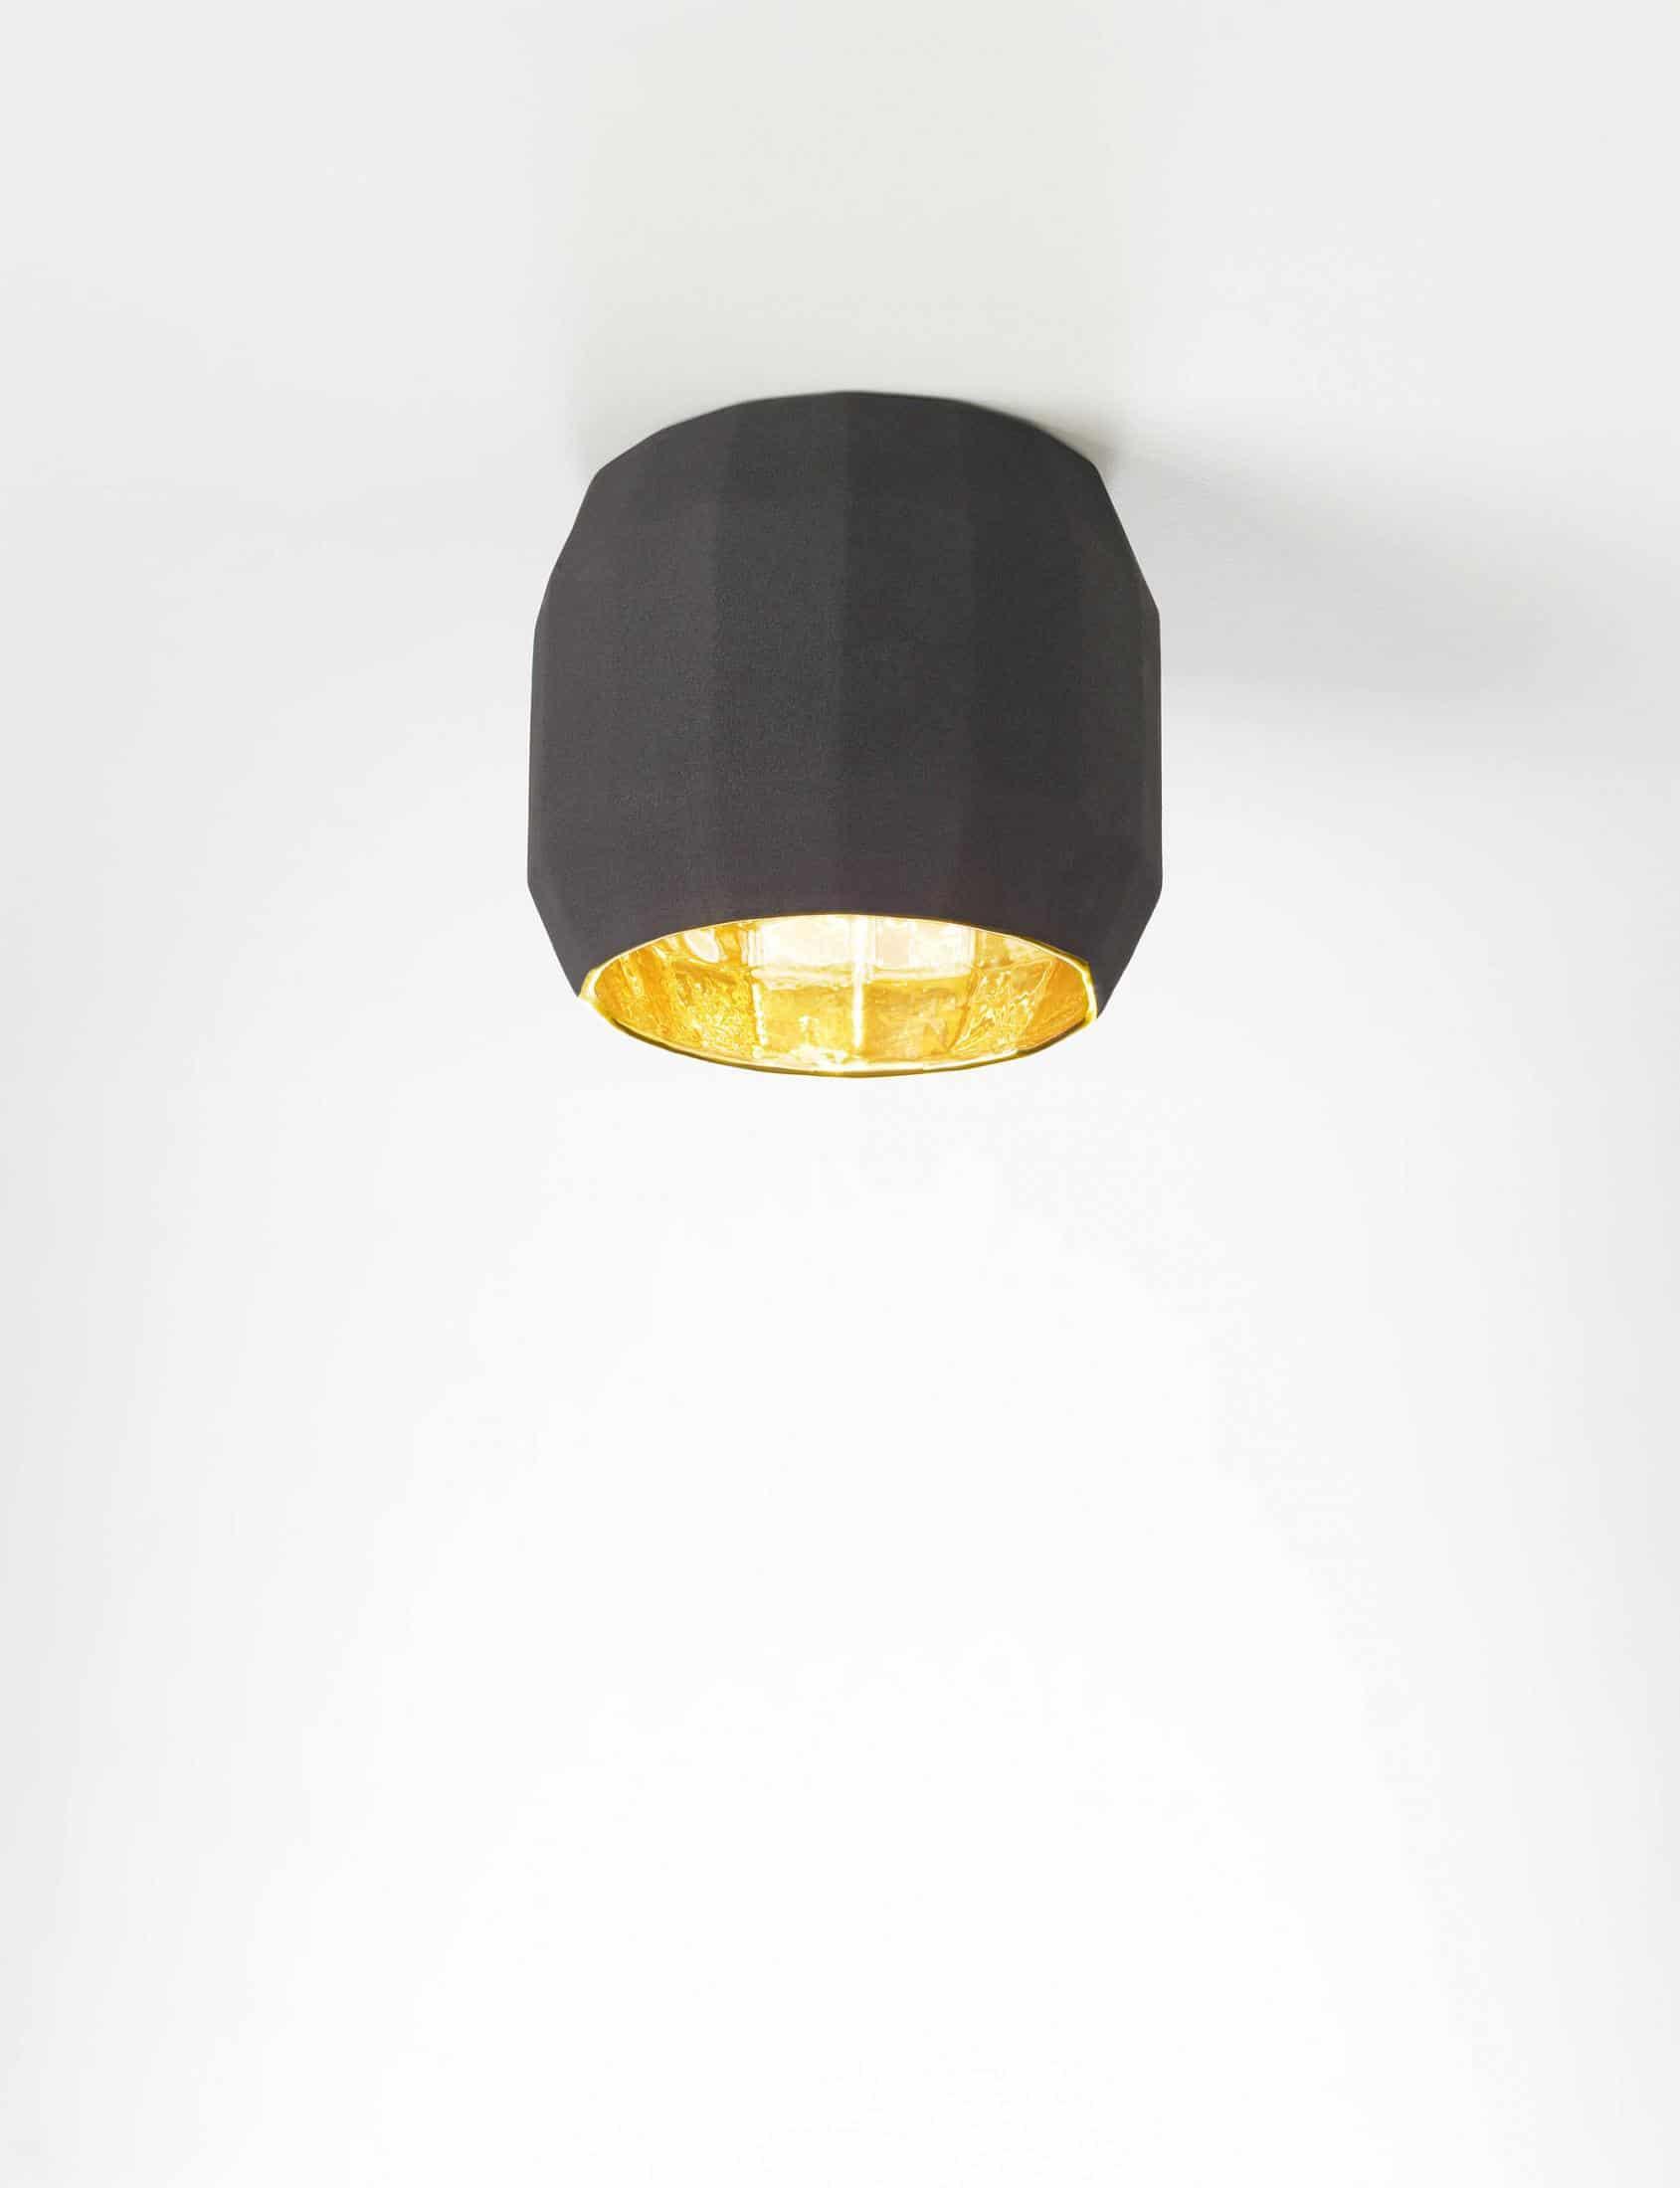 Deckenlampe im Showroom Freiburg von Lichtraum